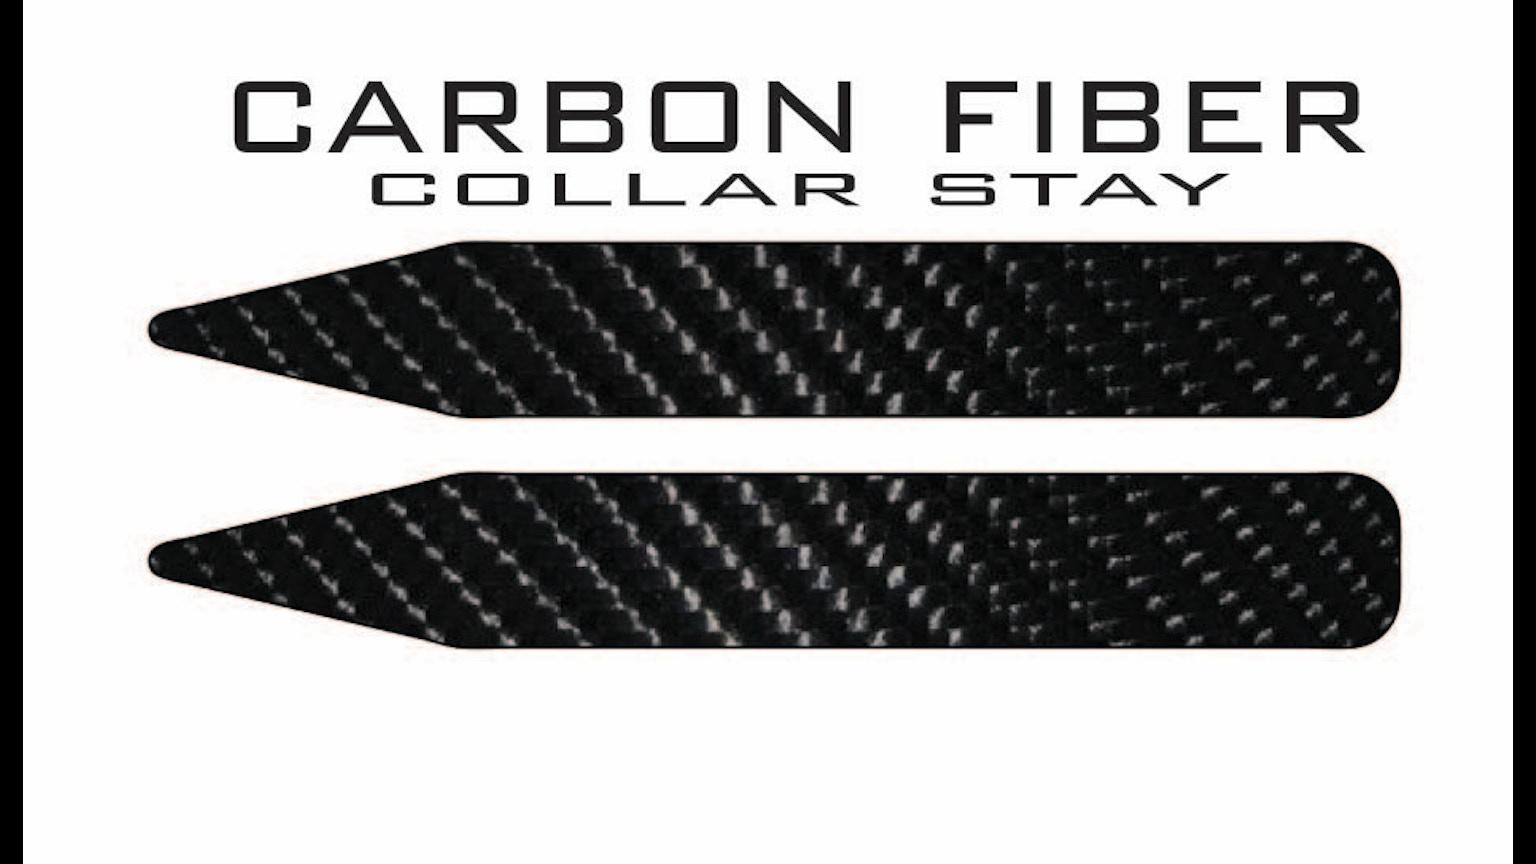 carbon fiber collar stays by colton kickstarter. Black Bedroom Furniture Sets. Home Design Ideas